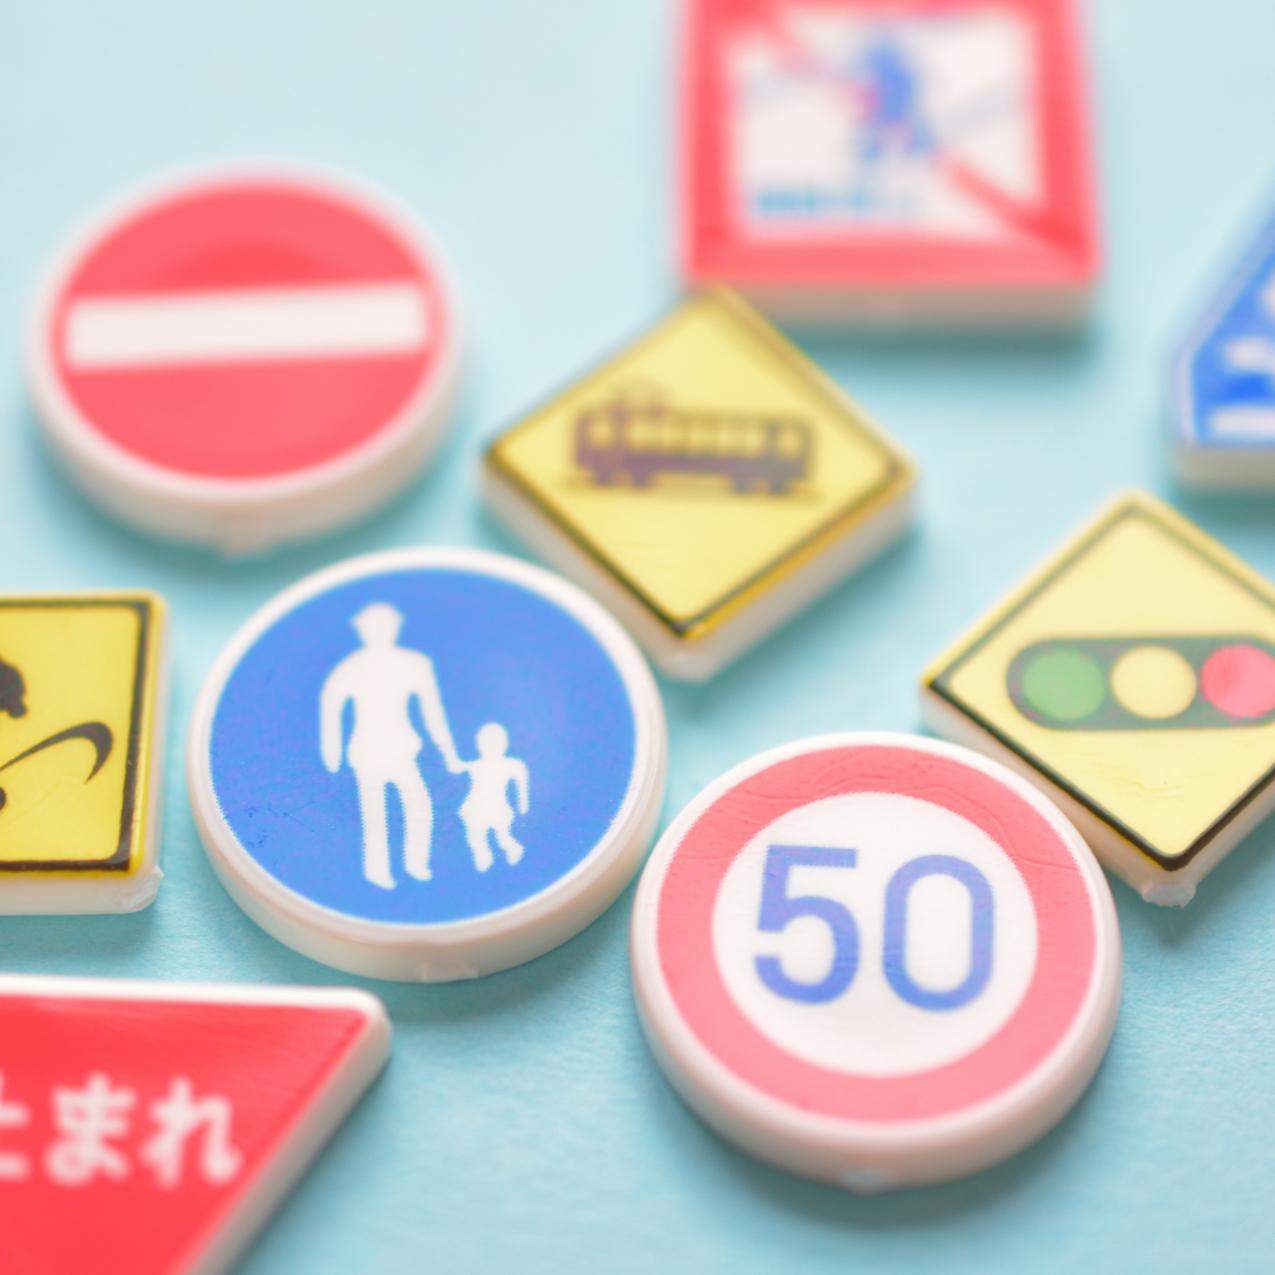 交通標識のミニチュアの写真